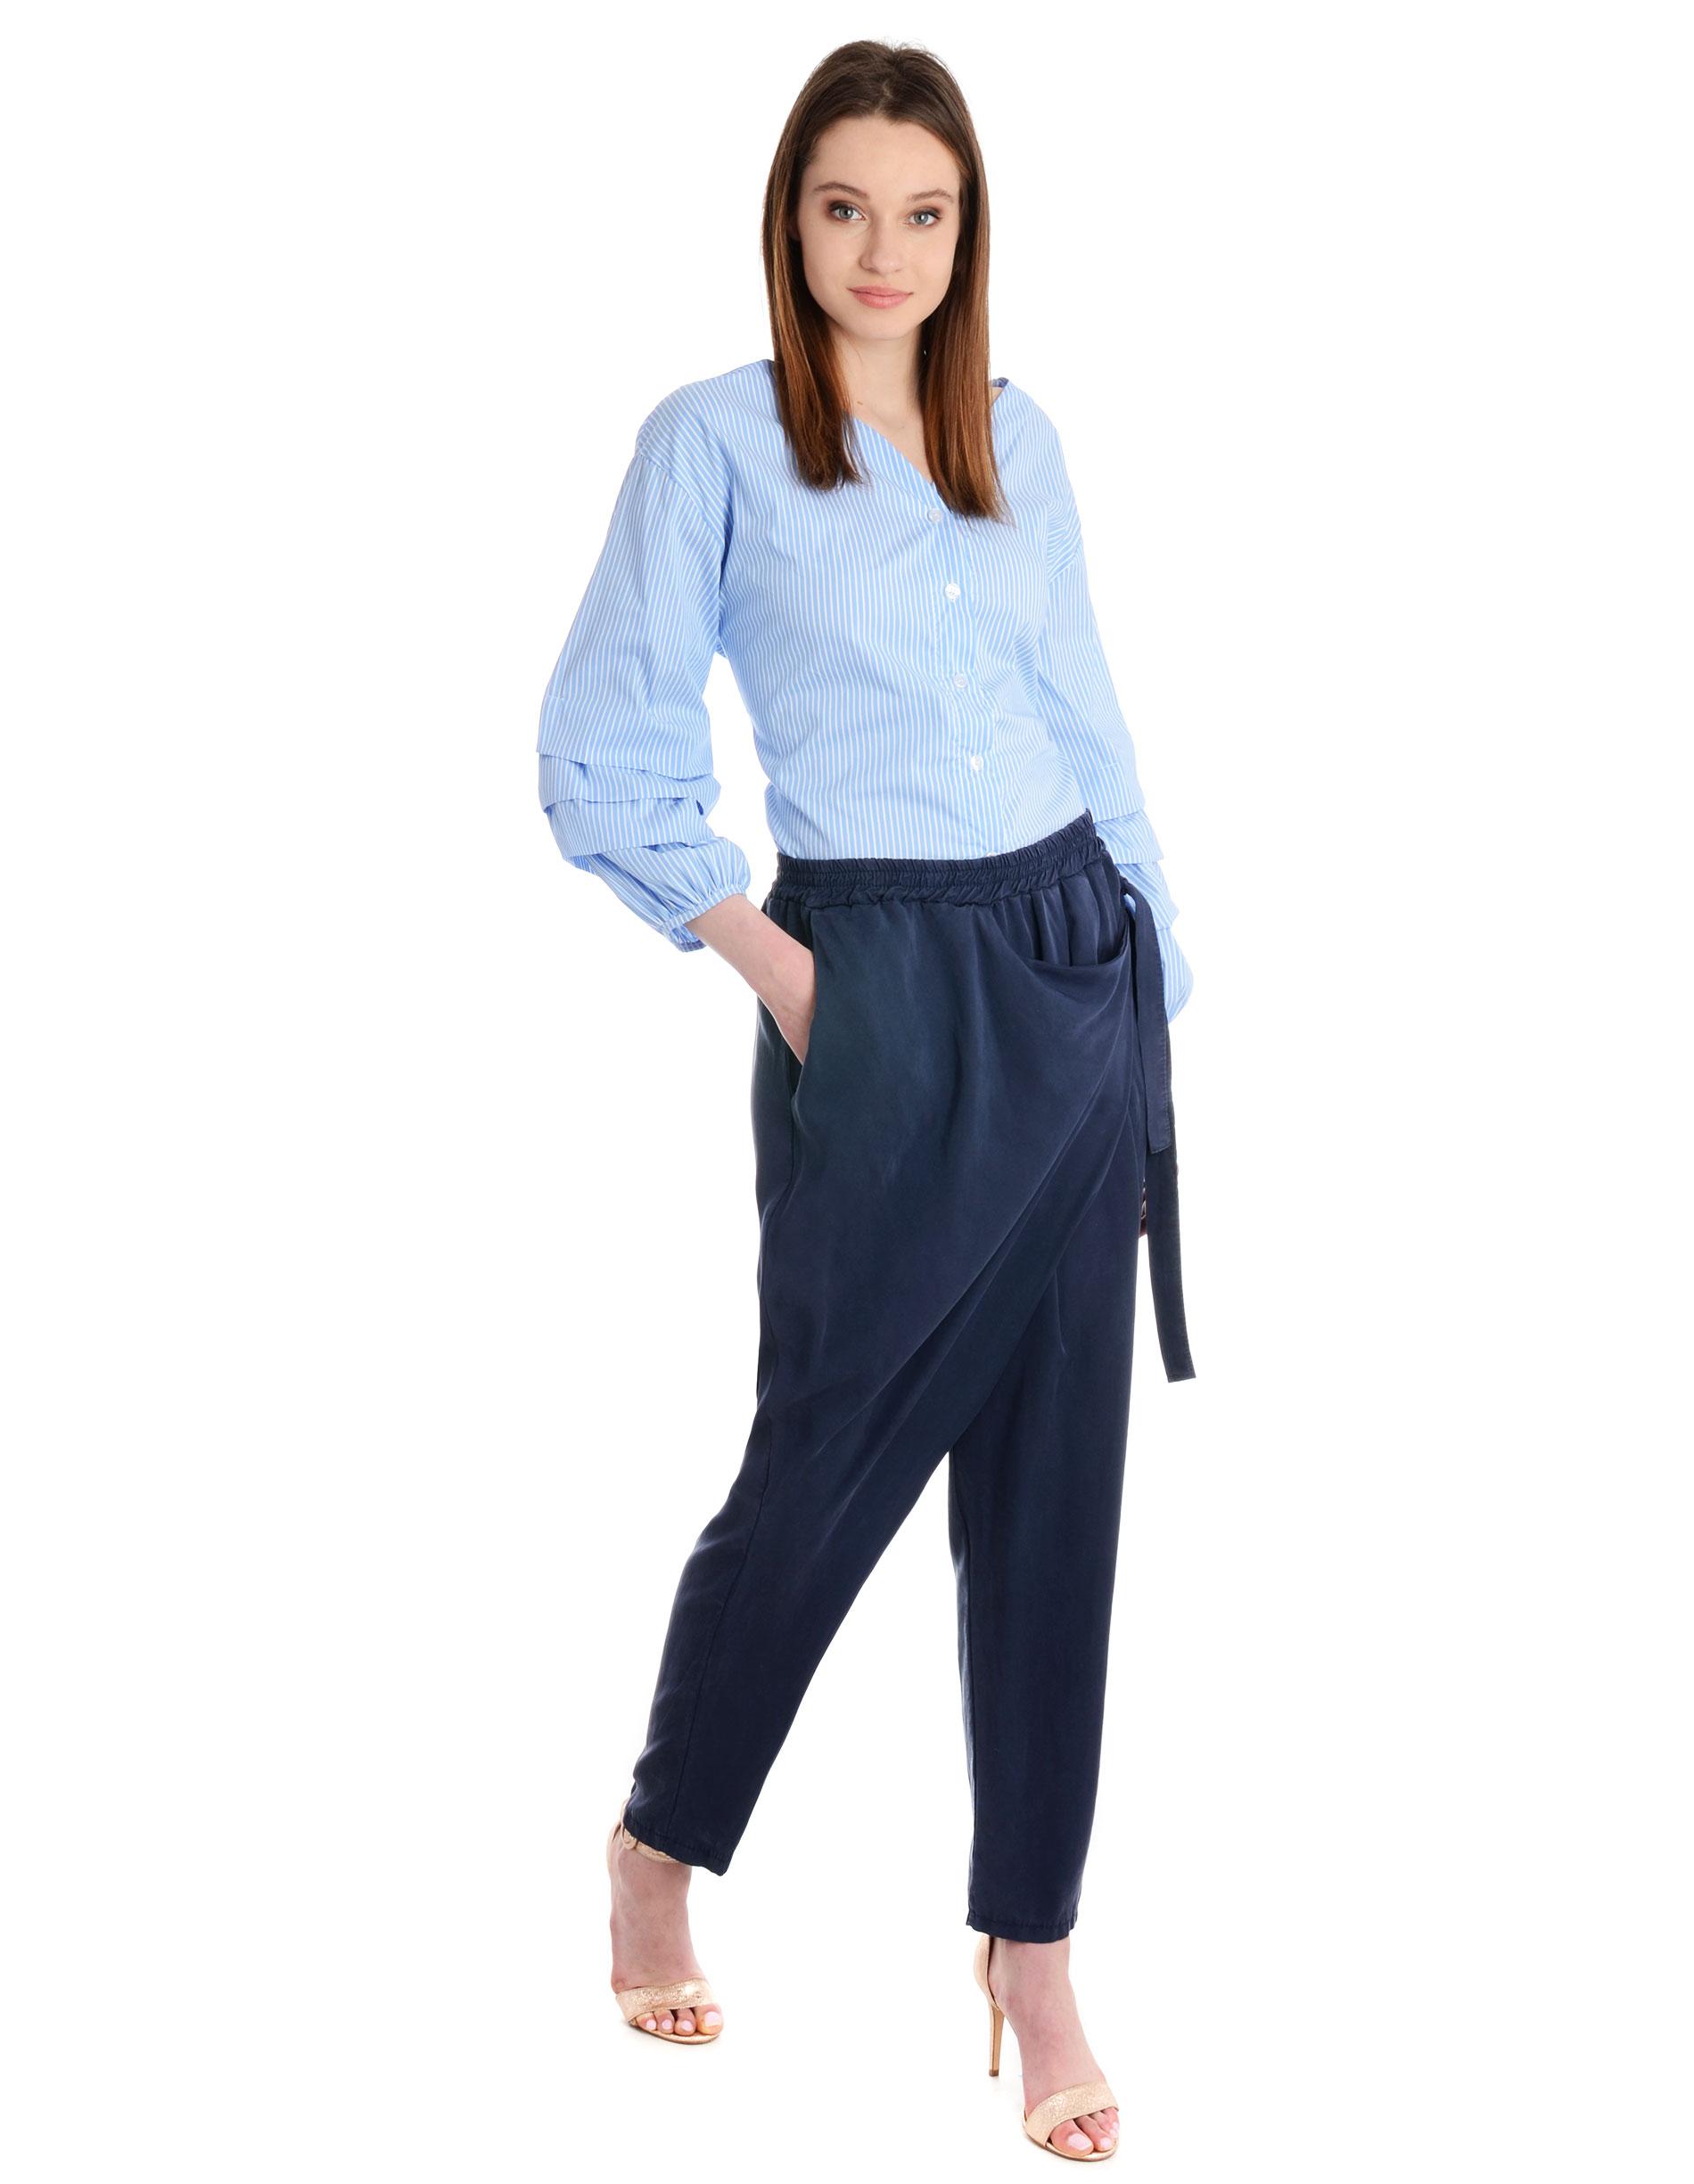 Spodnie - 114-2040 BLSC - Unisono